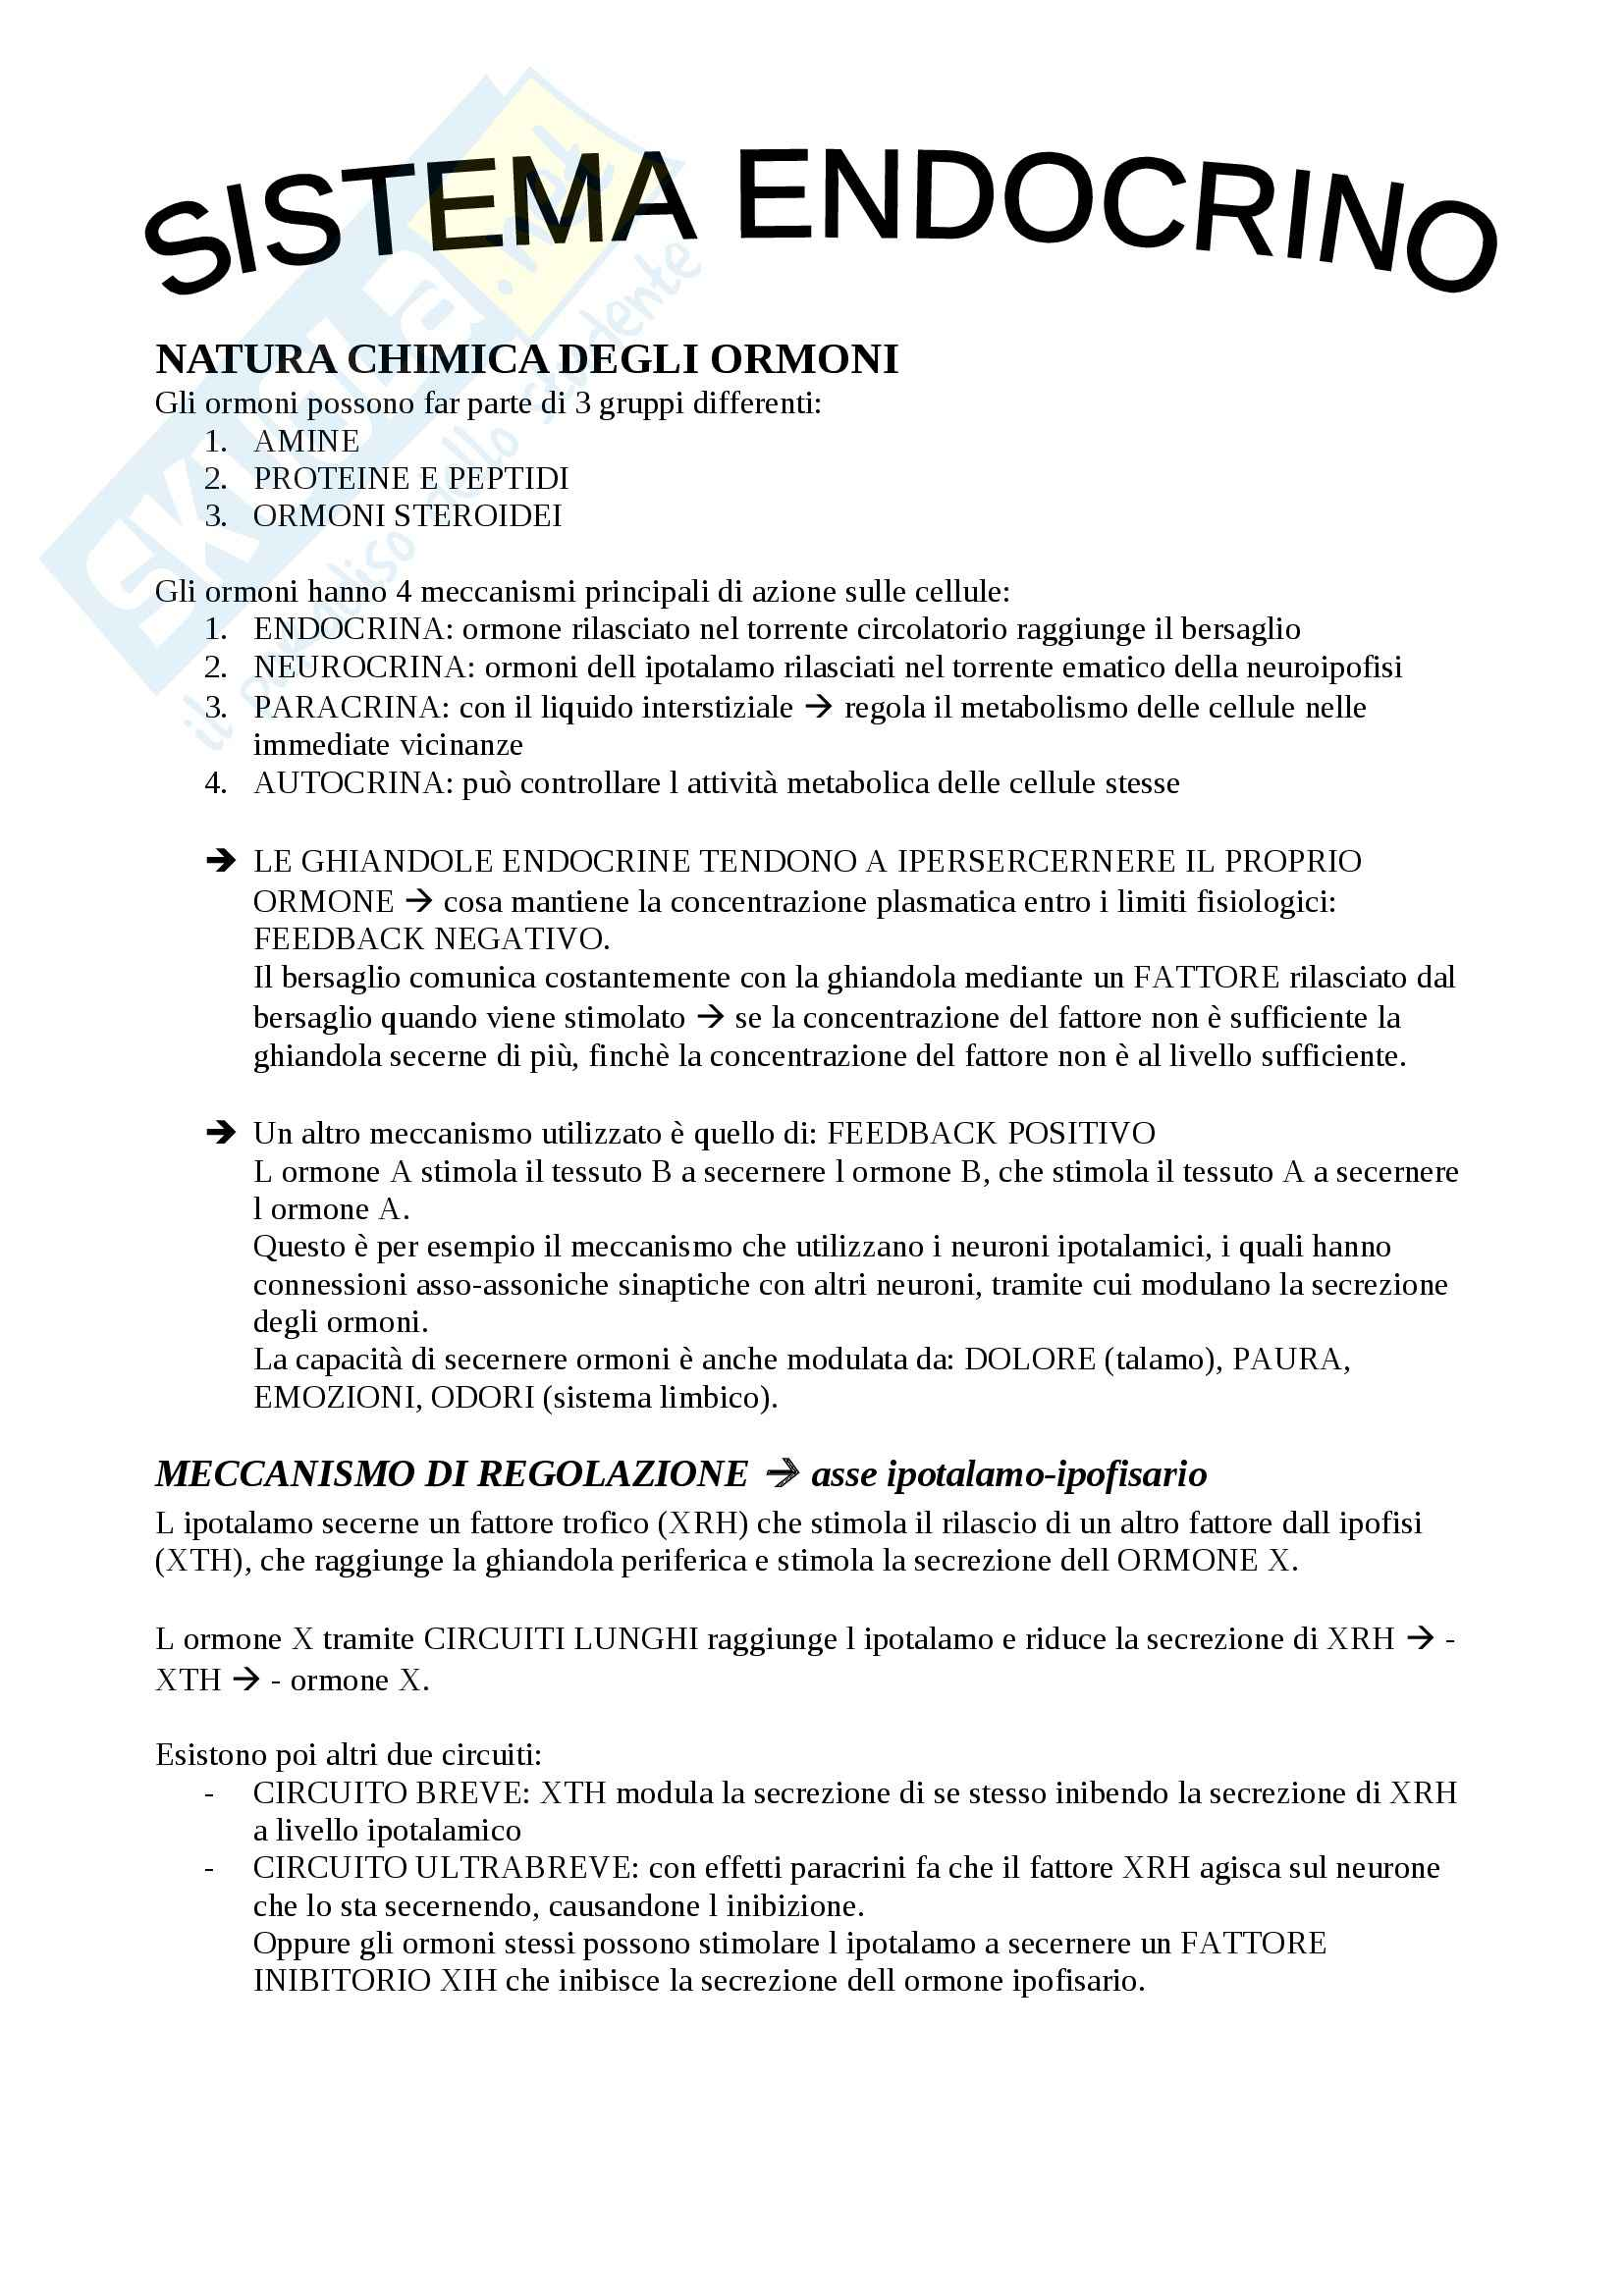 Sistema endocrino, Fisiologia degli apparati